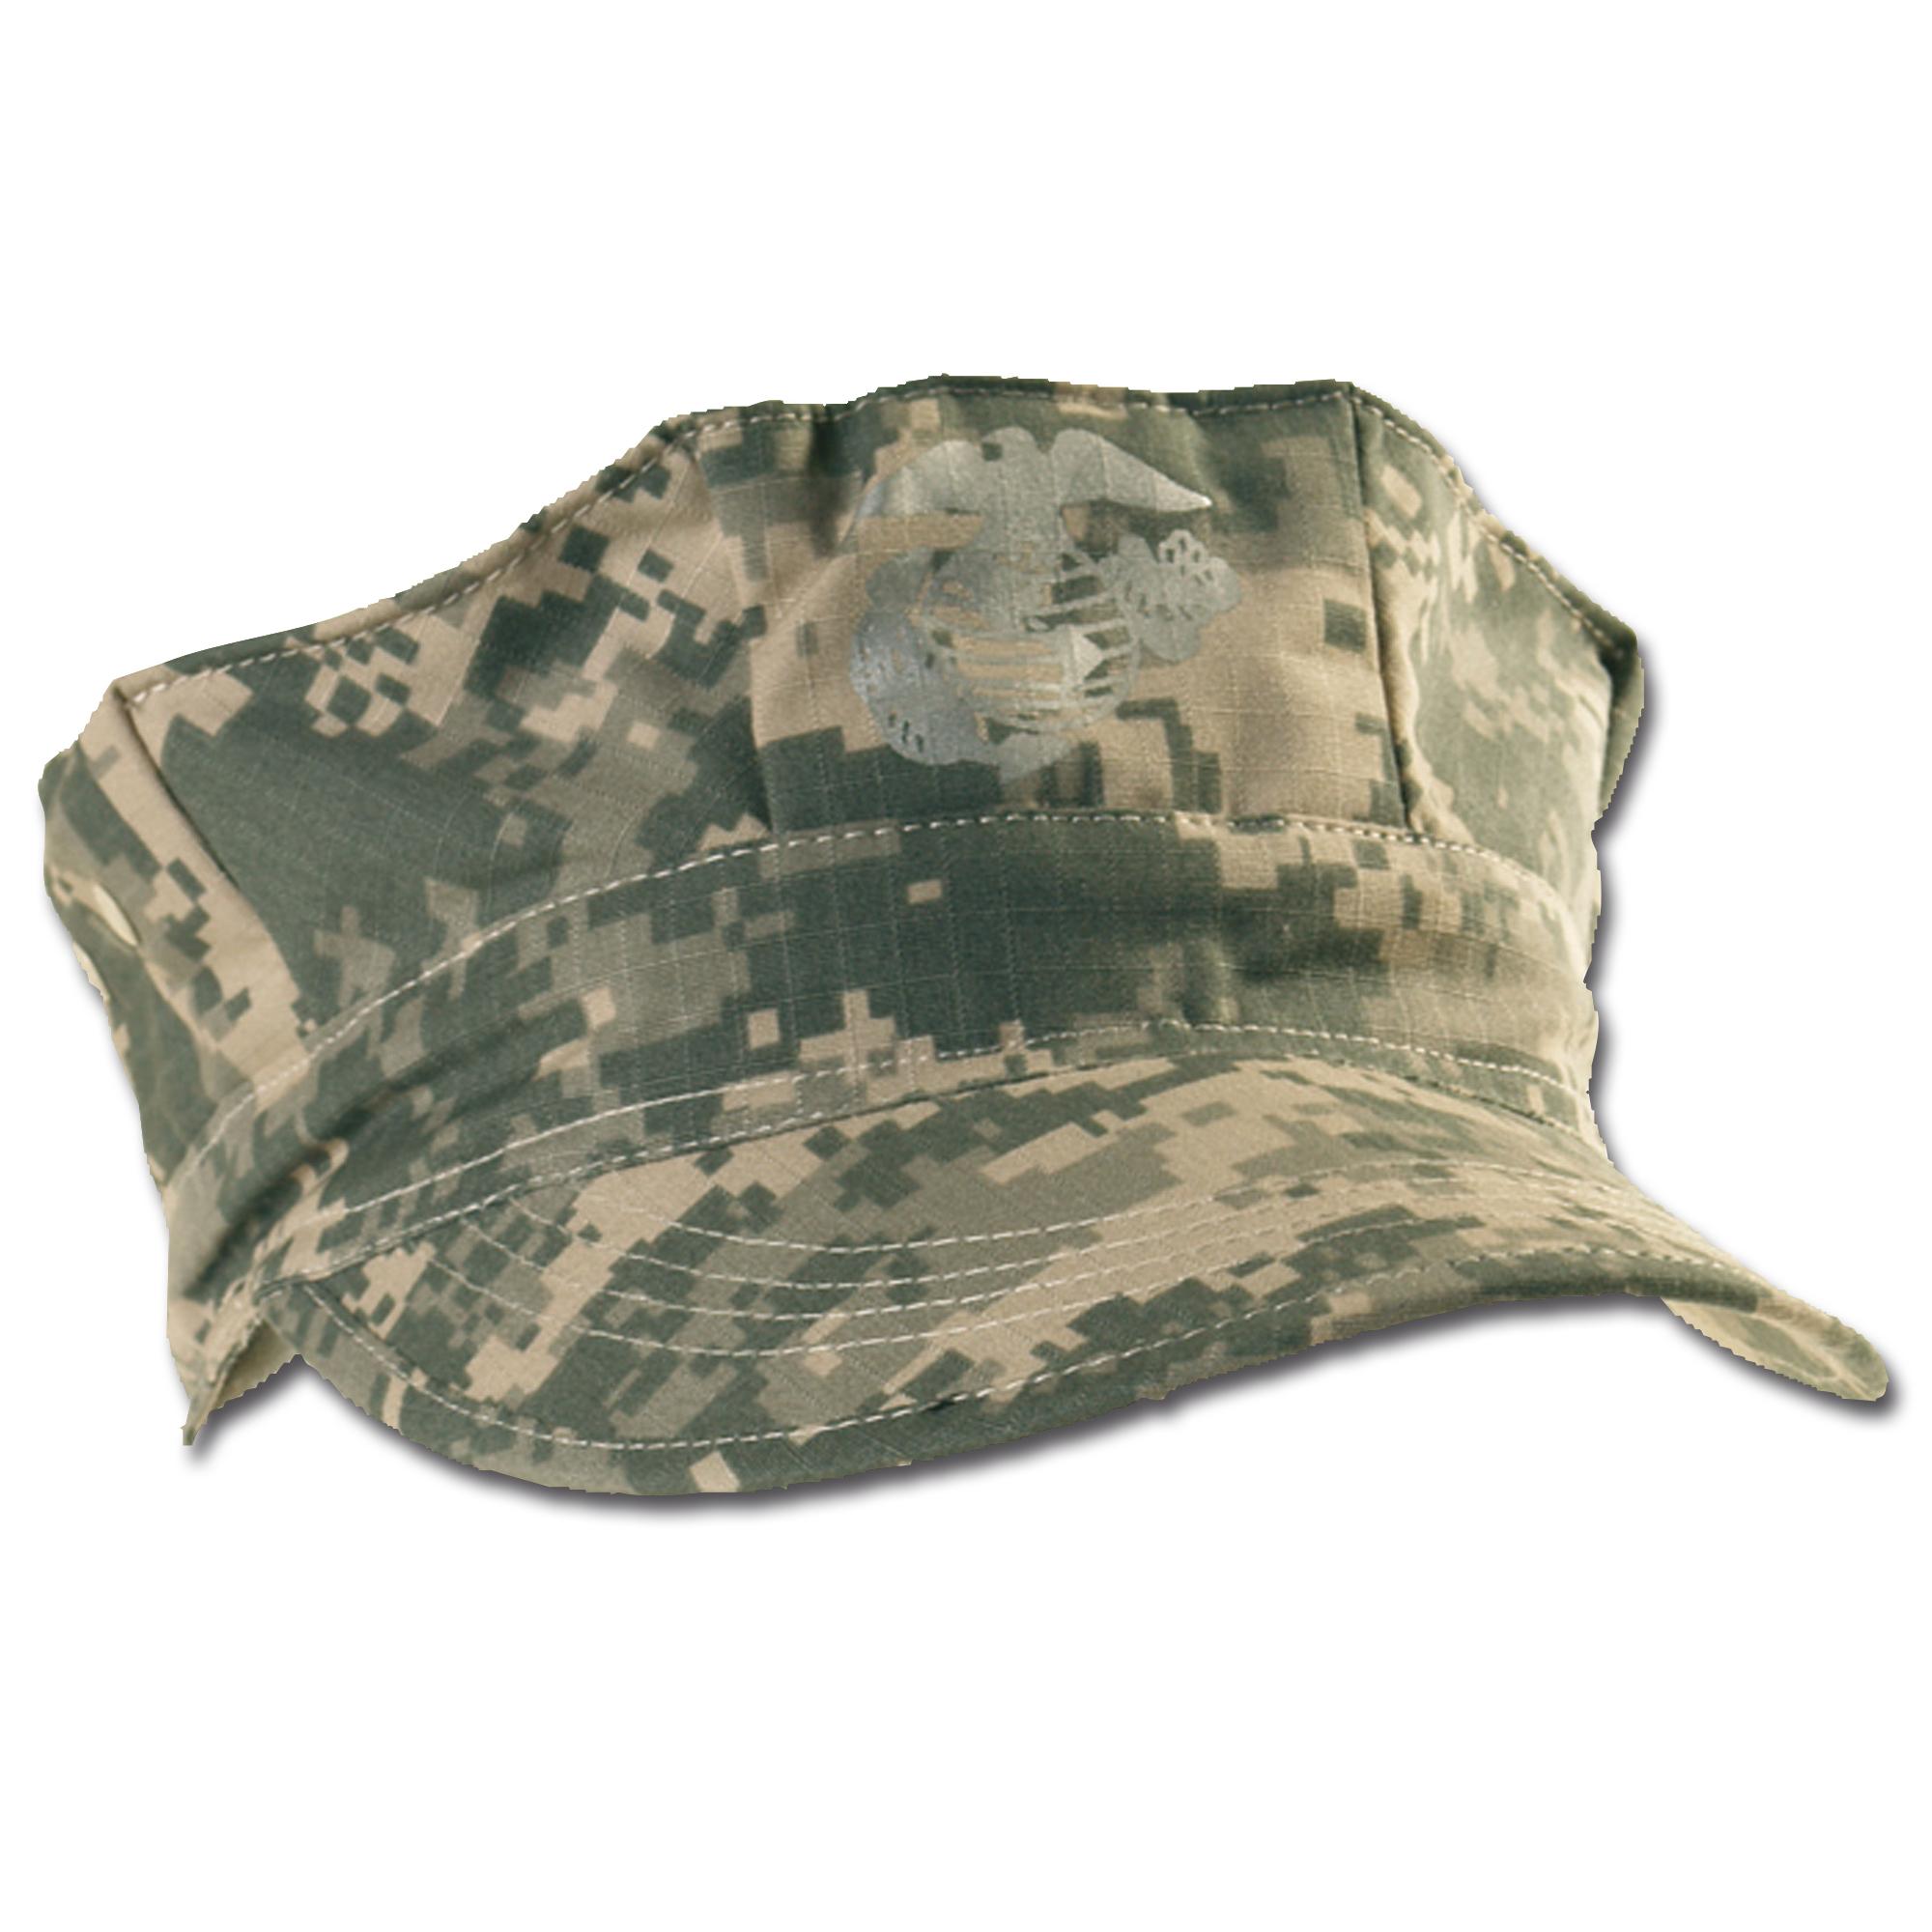 USMC Cap AT-digital